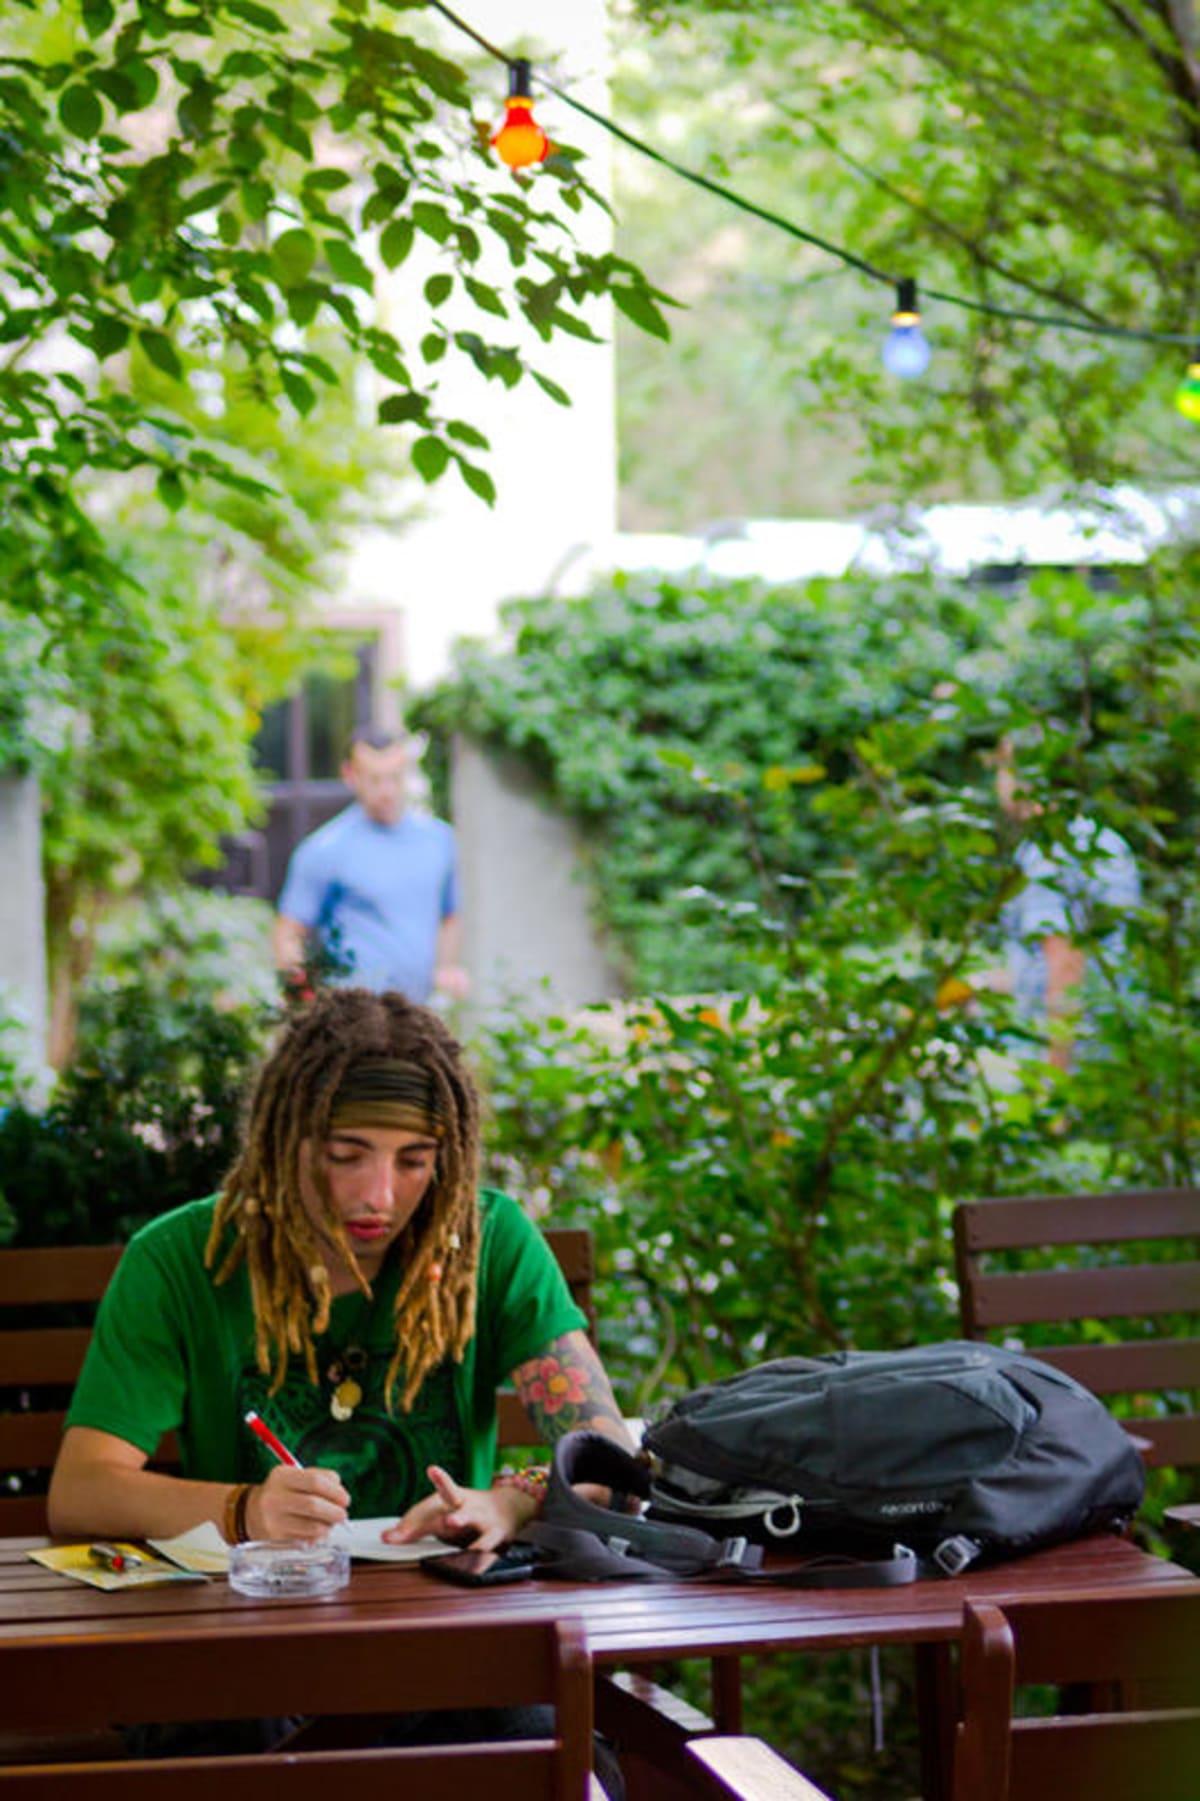 EastSeven Berlin Hostel, Berlin, Germany